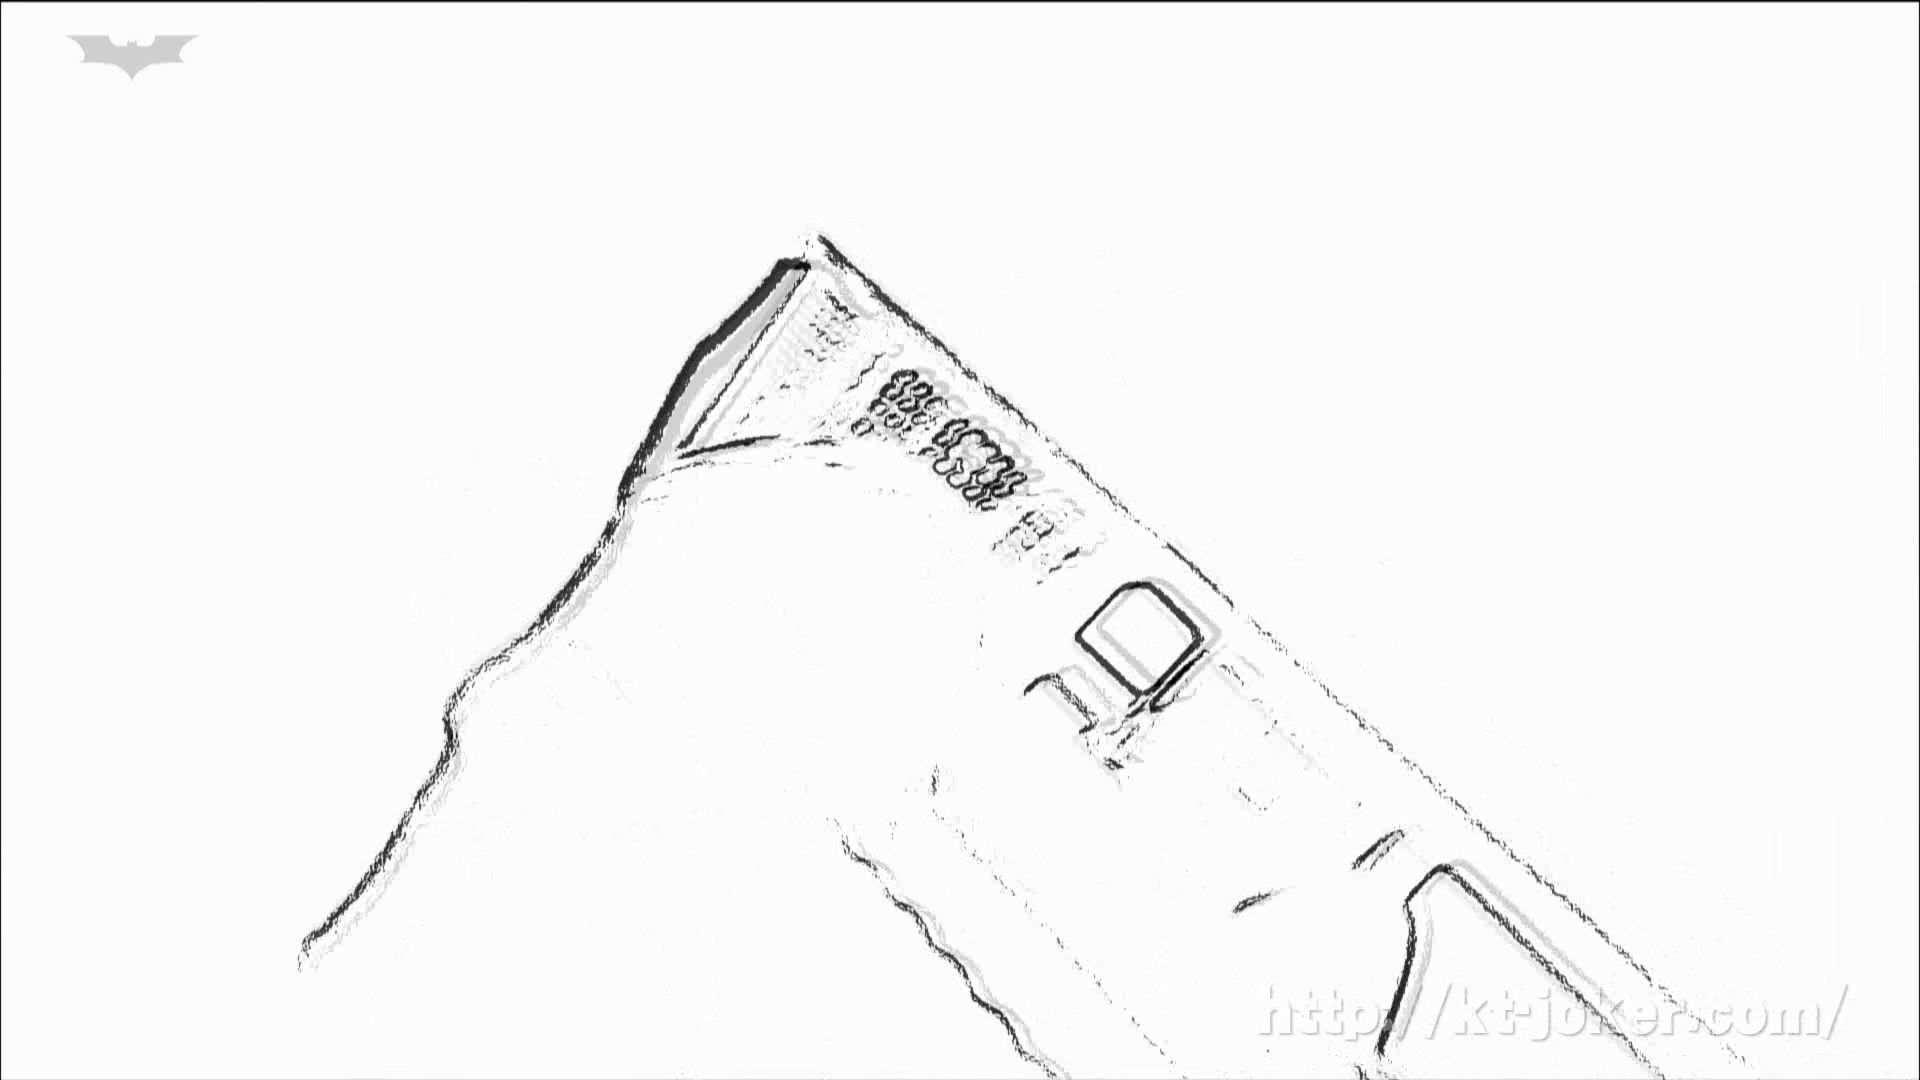 命がけ潜伏洗面所! vol.72 貴重すぎ、二子登場!! OLの実態 盗み撮りAV無料動画キャプチャ 79pic 23